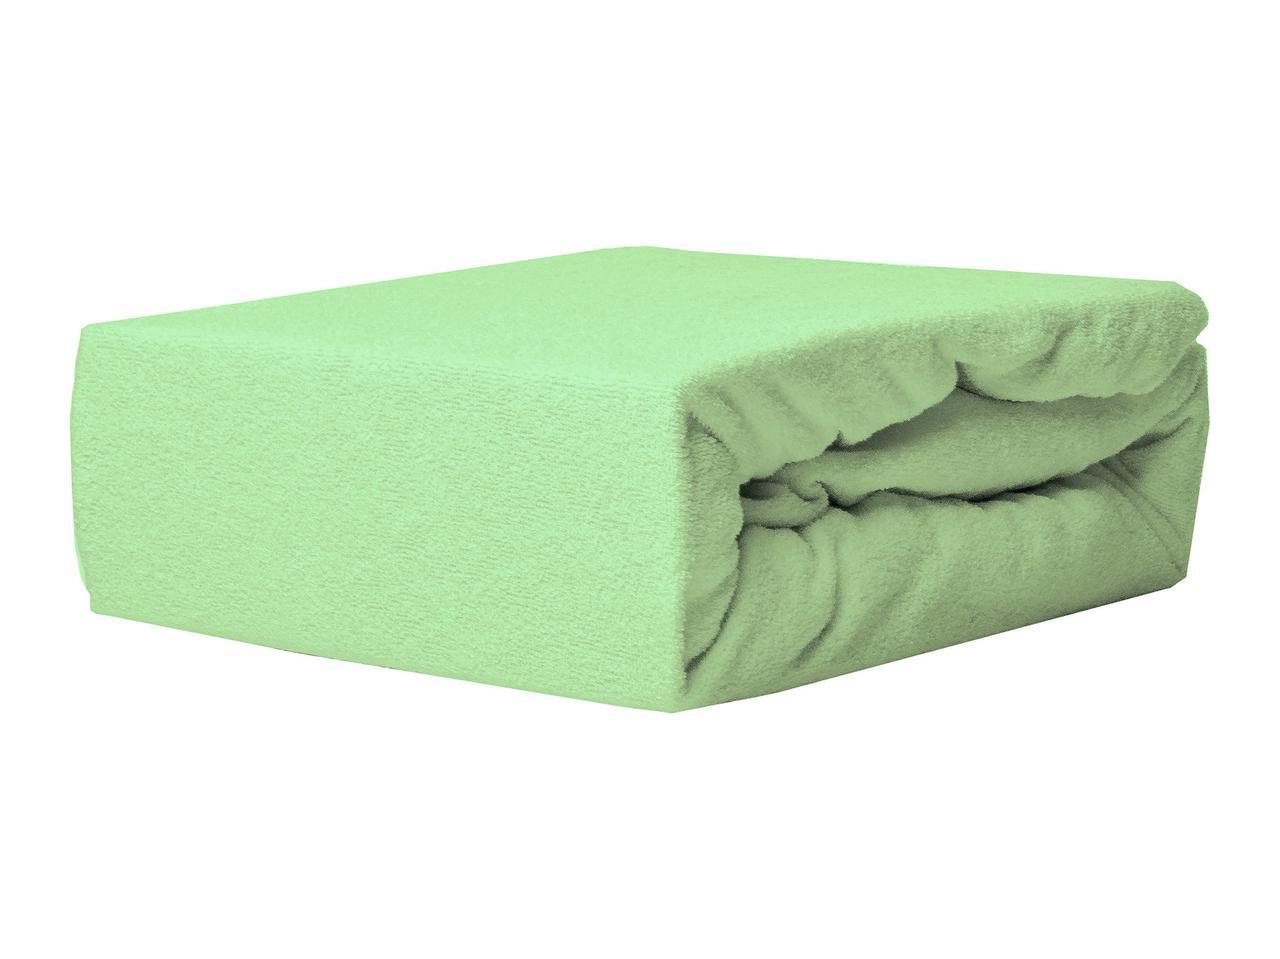 Простыня Махровая На резинке NR 029 P.P.H.U. J&M 6078 140x200 см Зеленая